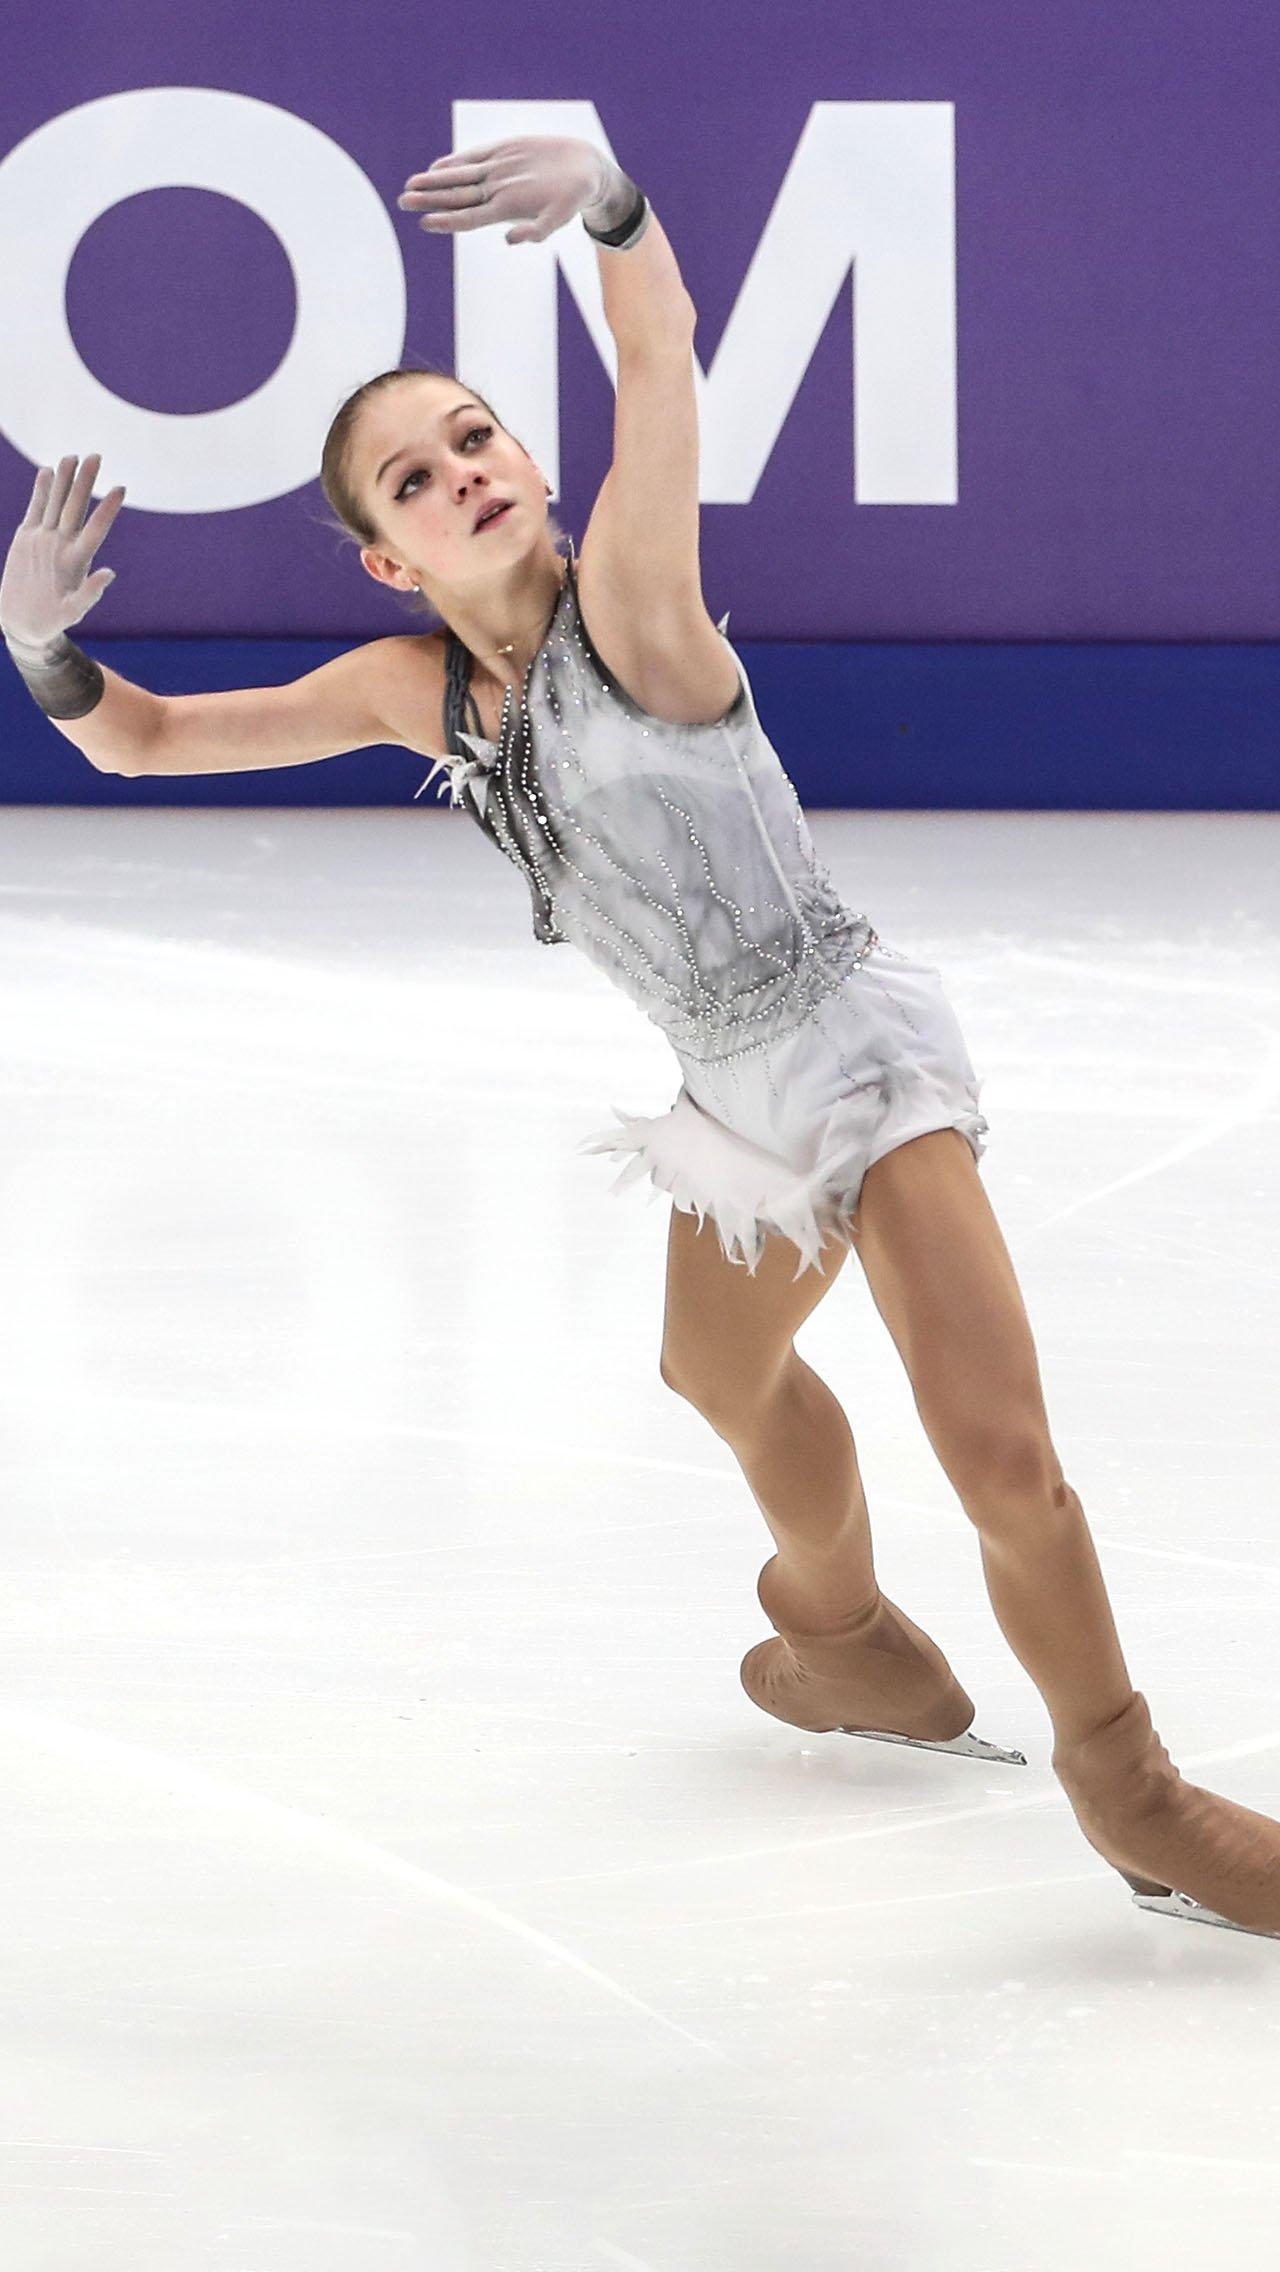 Саша Трусова в первом взрослом сезоне по ходу программы срывала с себя красивую белую юбку и оставалась в коротком сером платье.